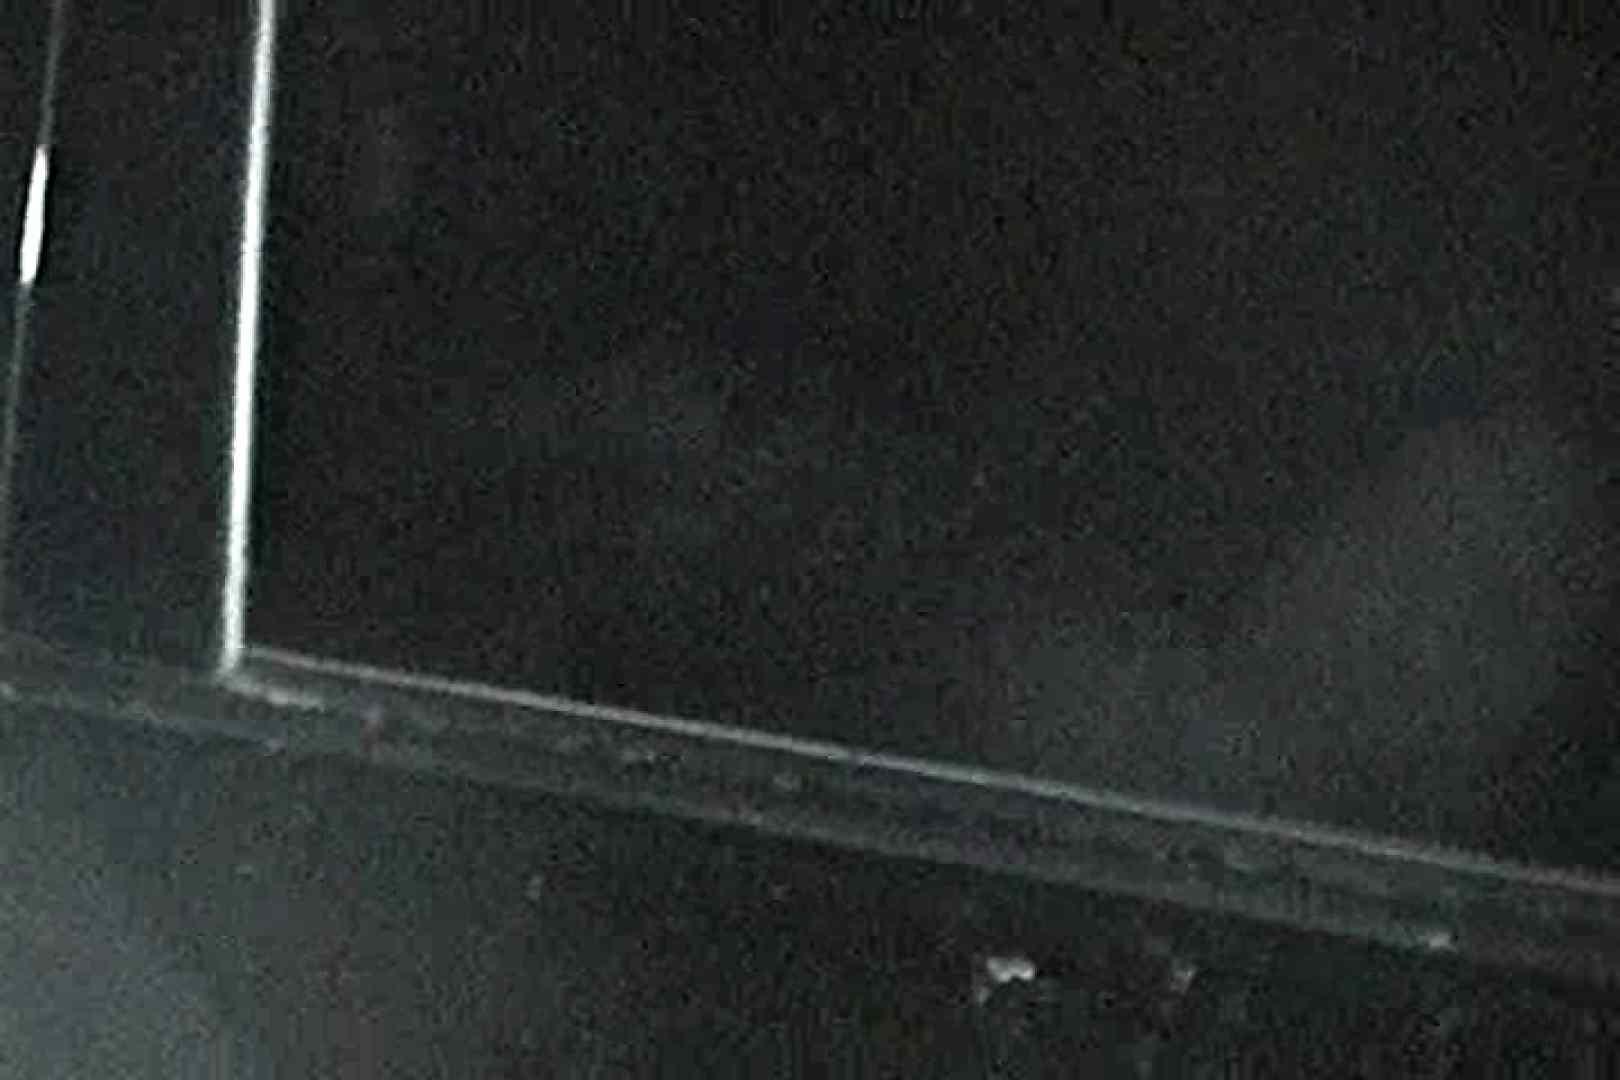 充血監督の深夜の運動会Vol.3 カップルのセックス ぱこり動画紹介 108PIX 6